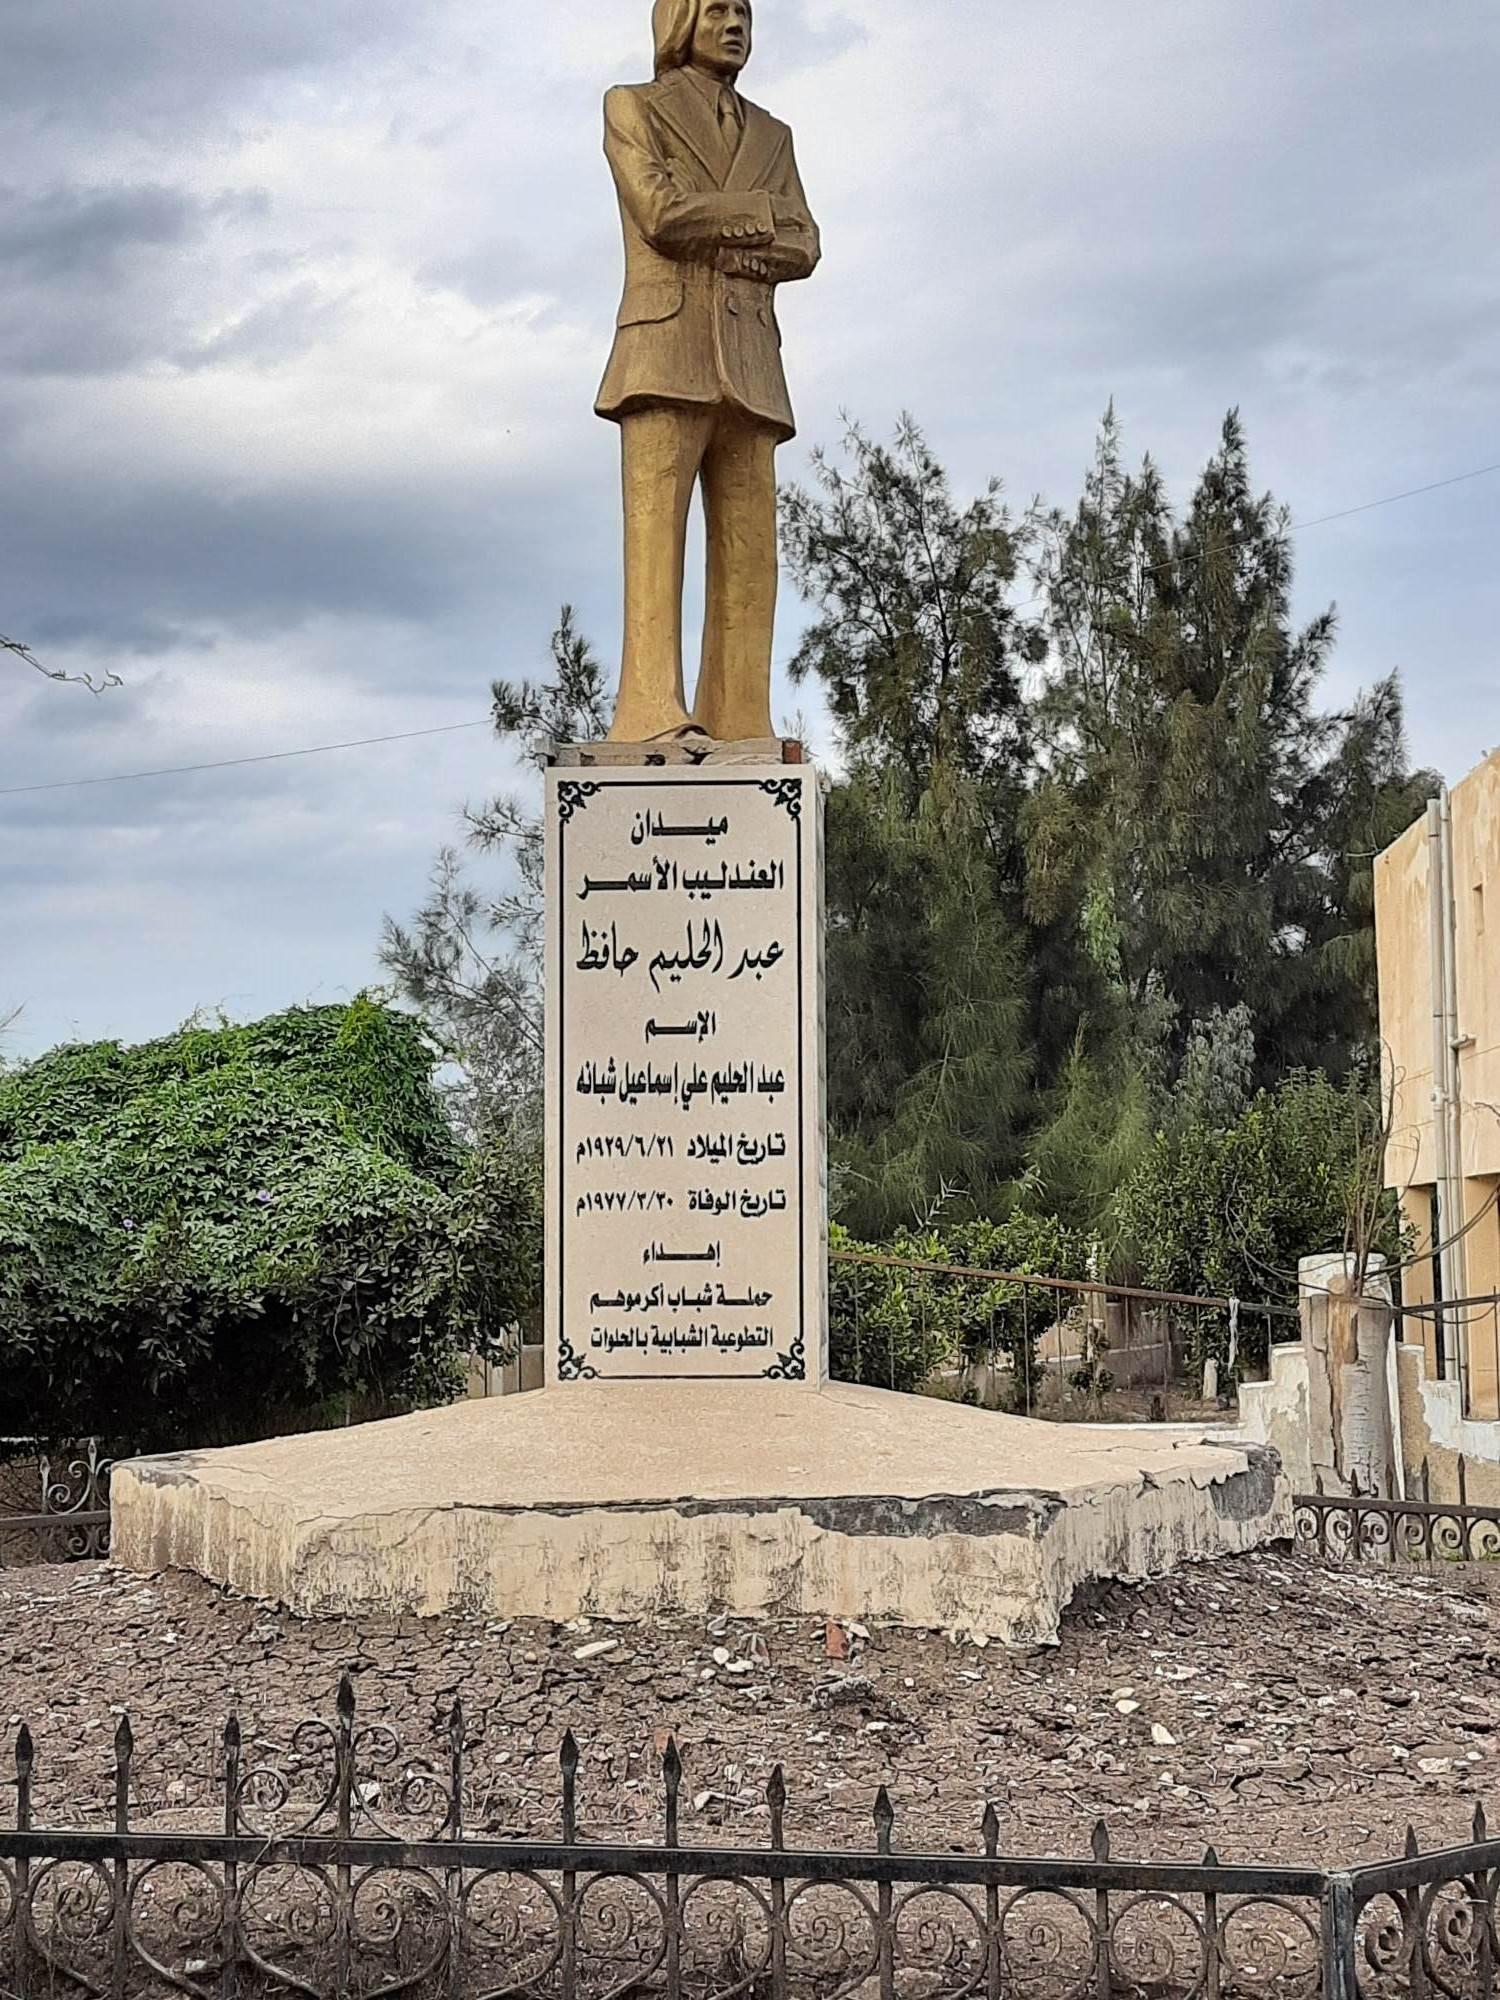 تمثال الفنان الراحل عبدالحليم حافظ بمسقط رأسه